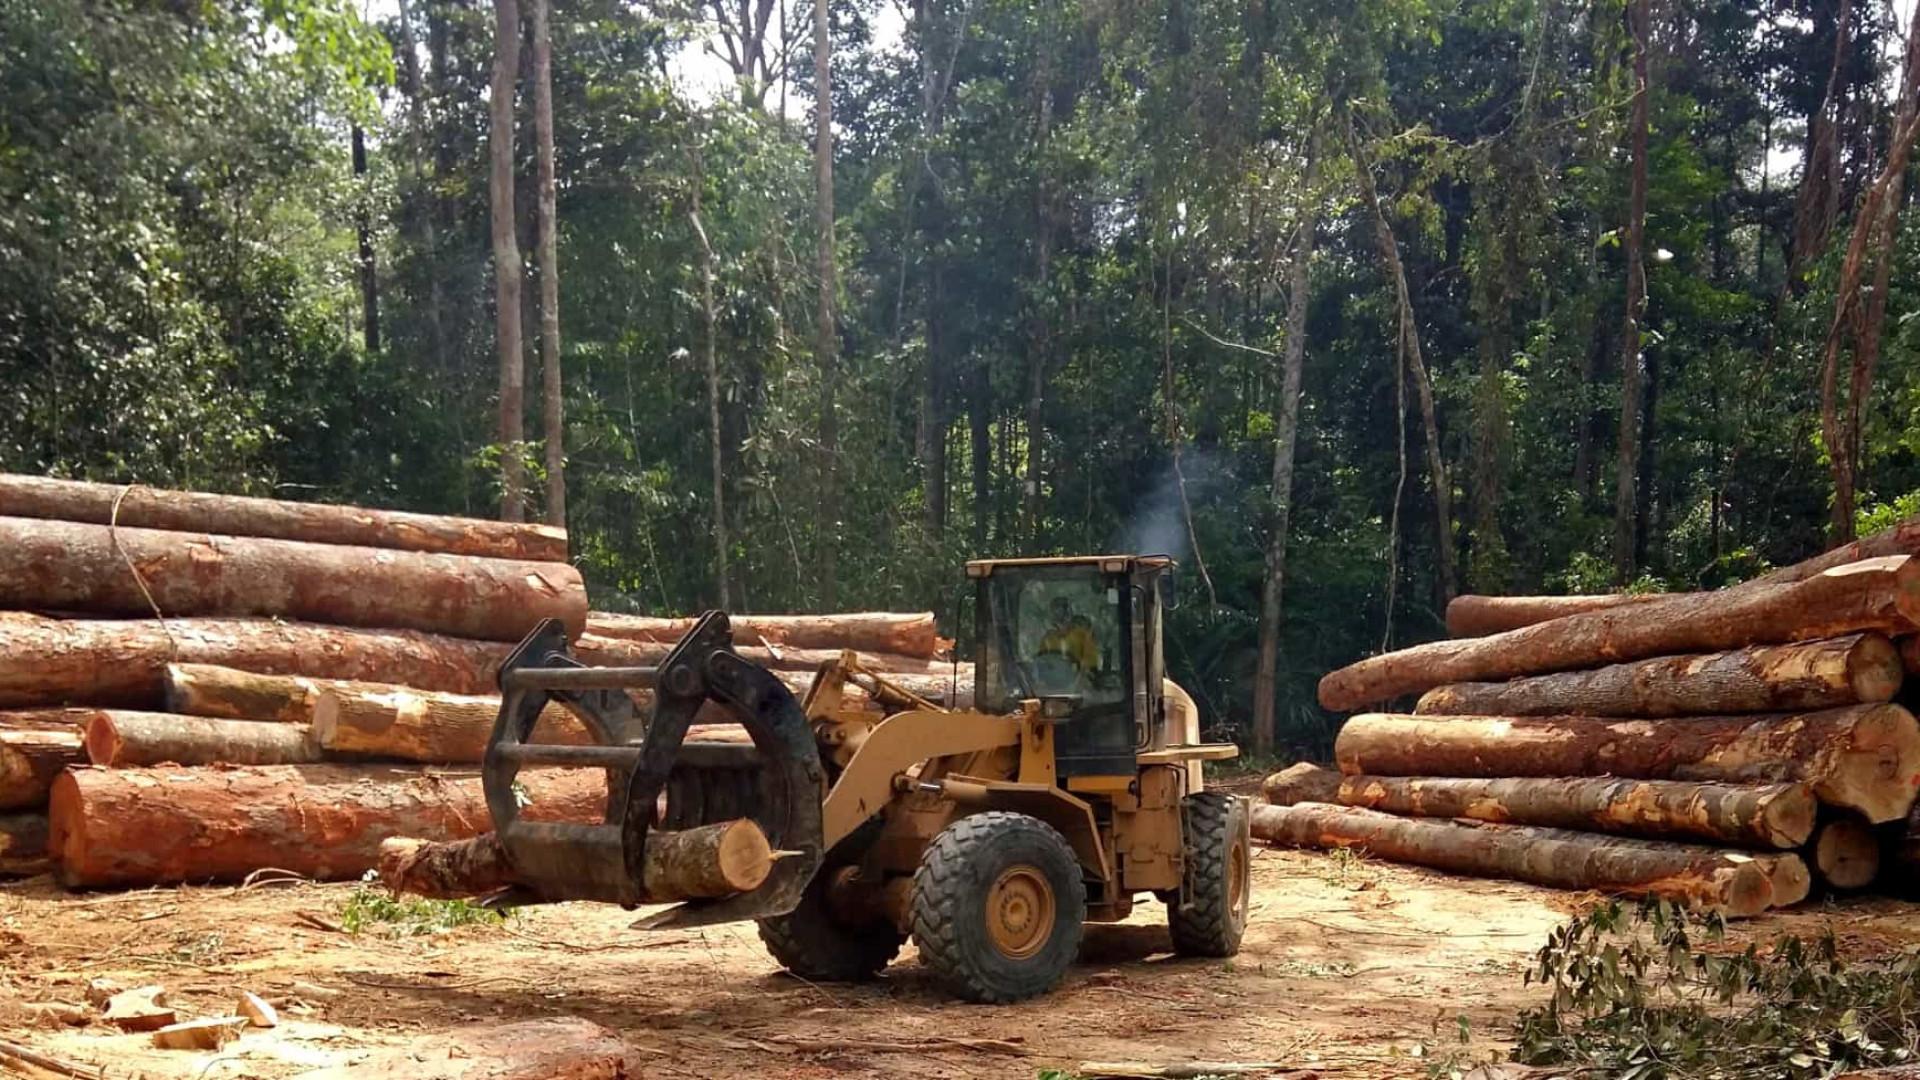 Juíza manda devolver cargas de madeira que PF confiscou em operação no Amazonas